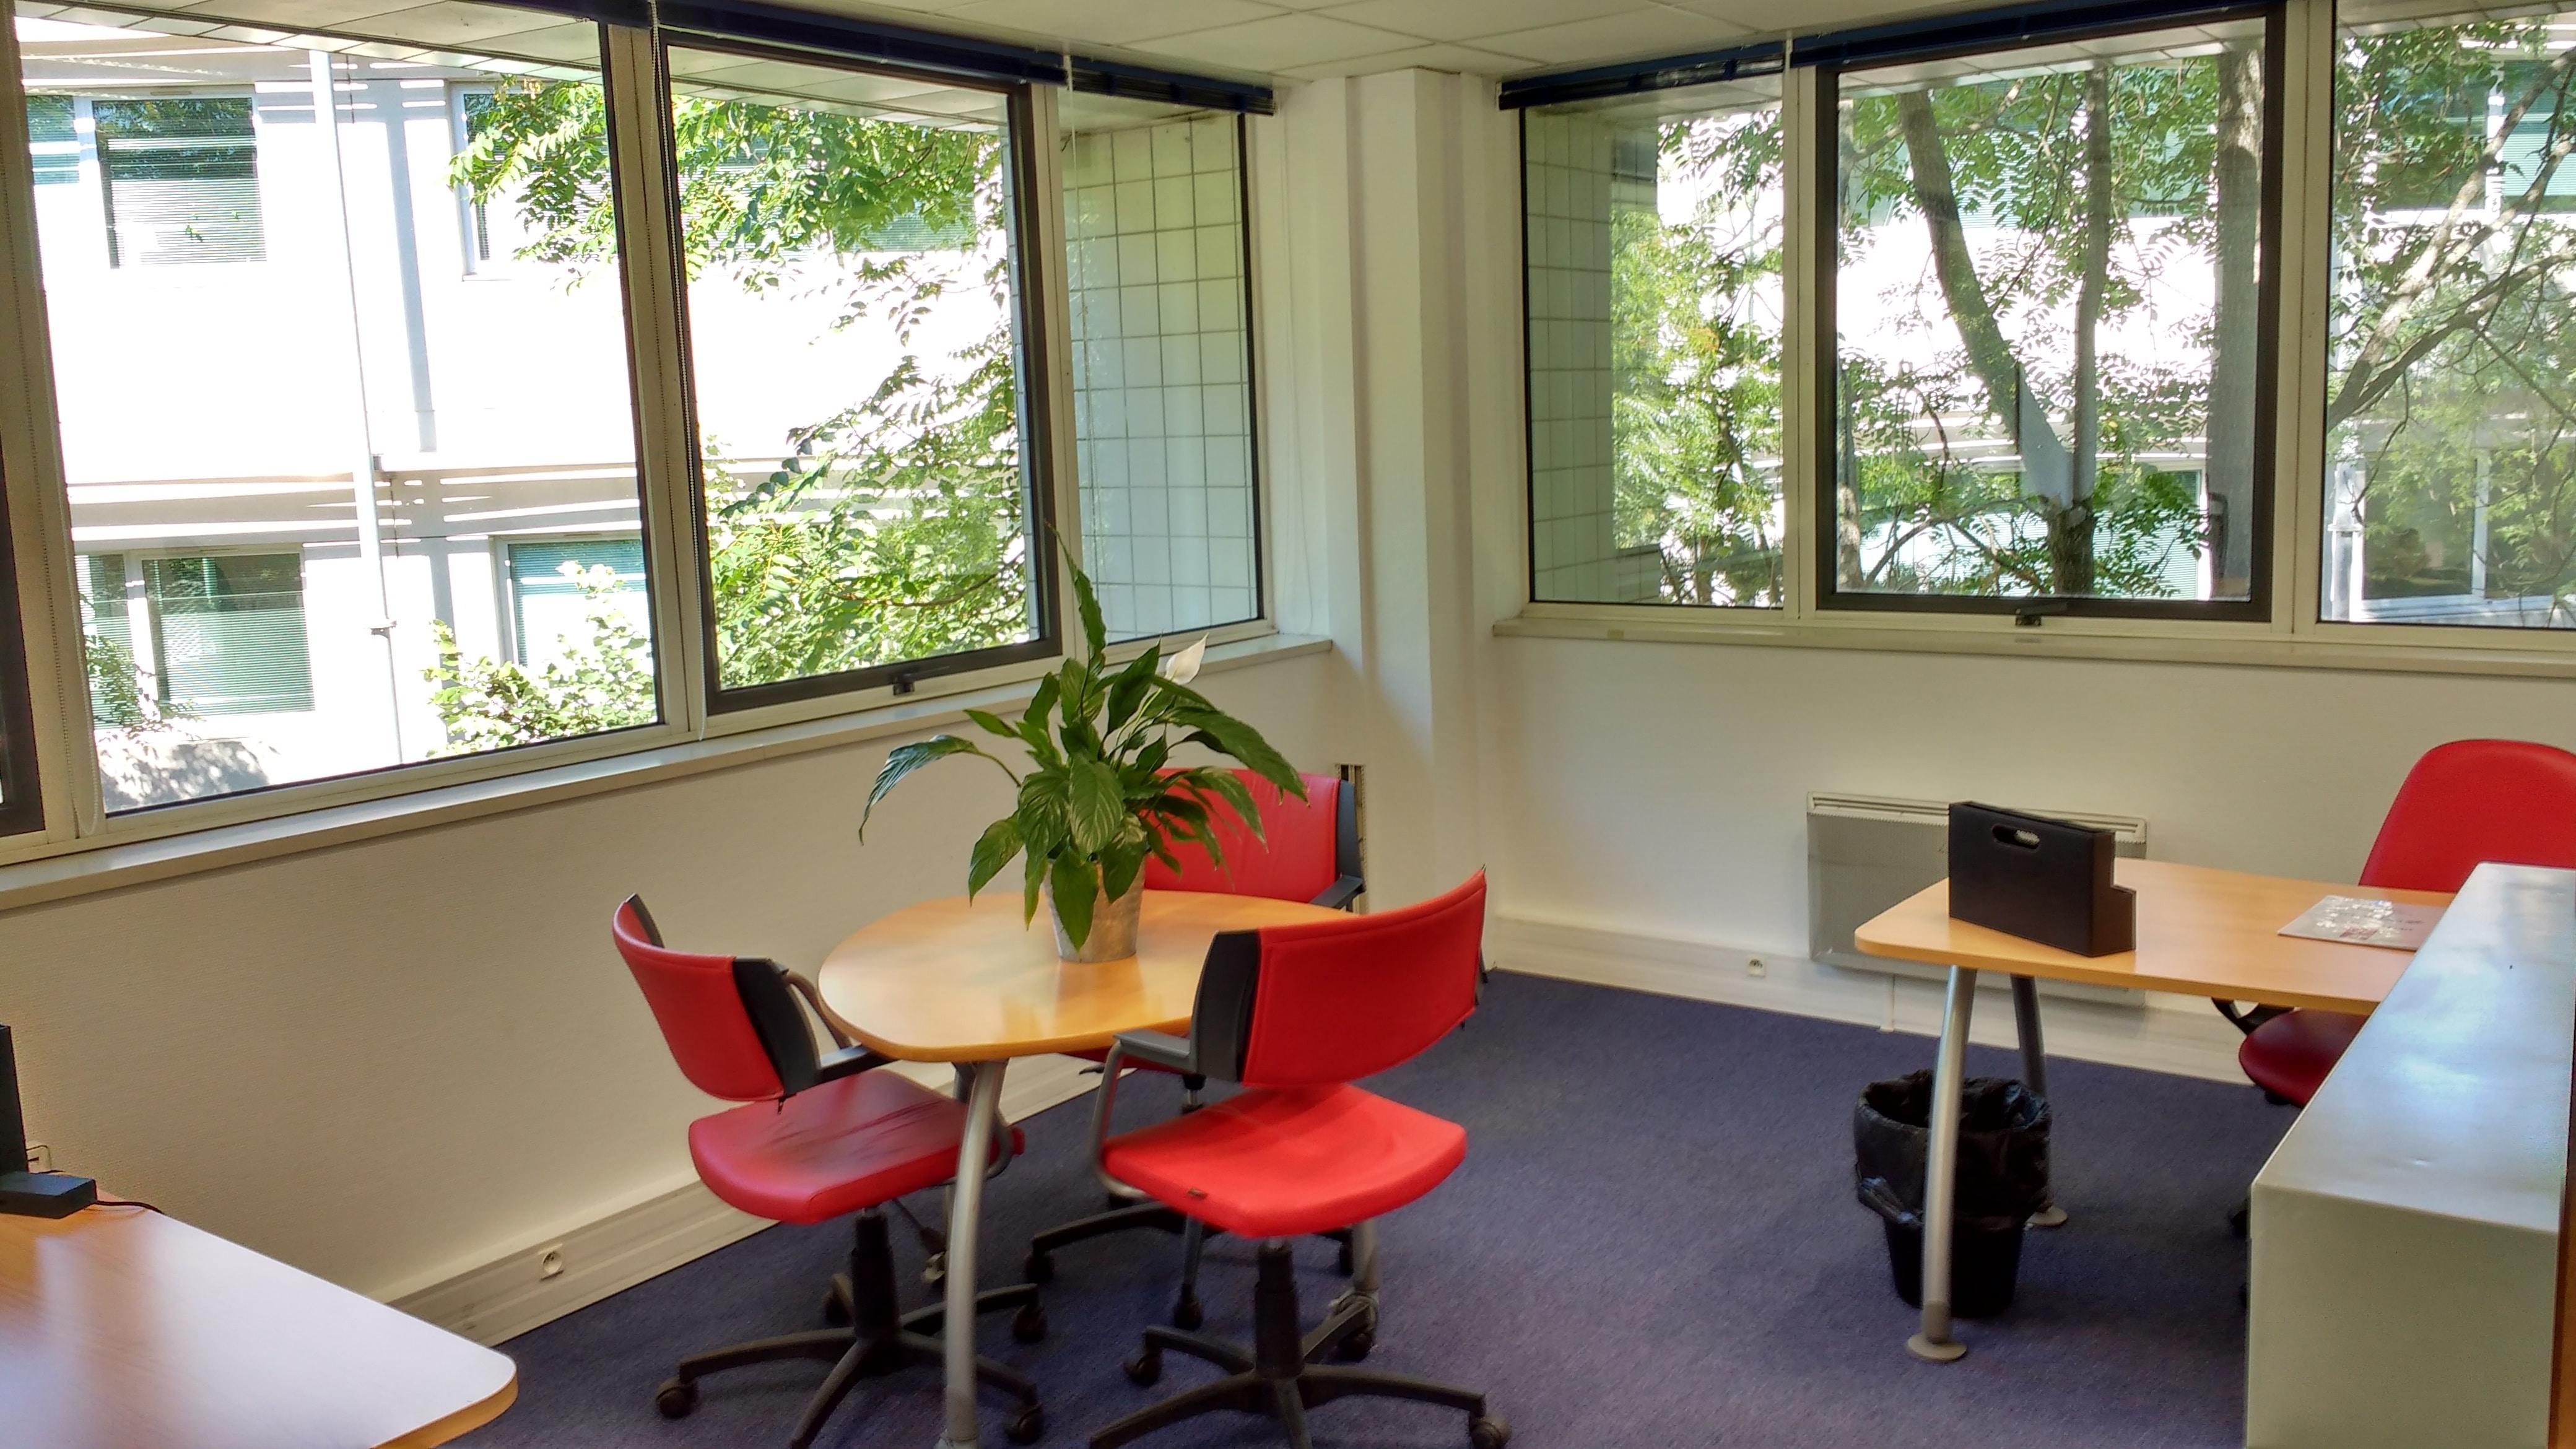 bureau 3 personnes louer toulouse lab ge toulouse espaces affaires. Black Bedroom Furniture Sets. Home Design Ideas